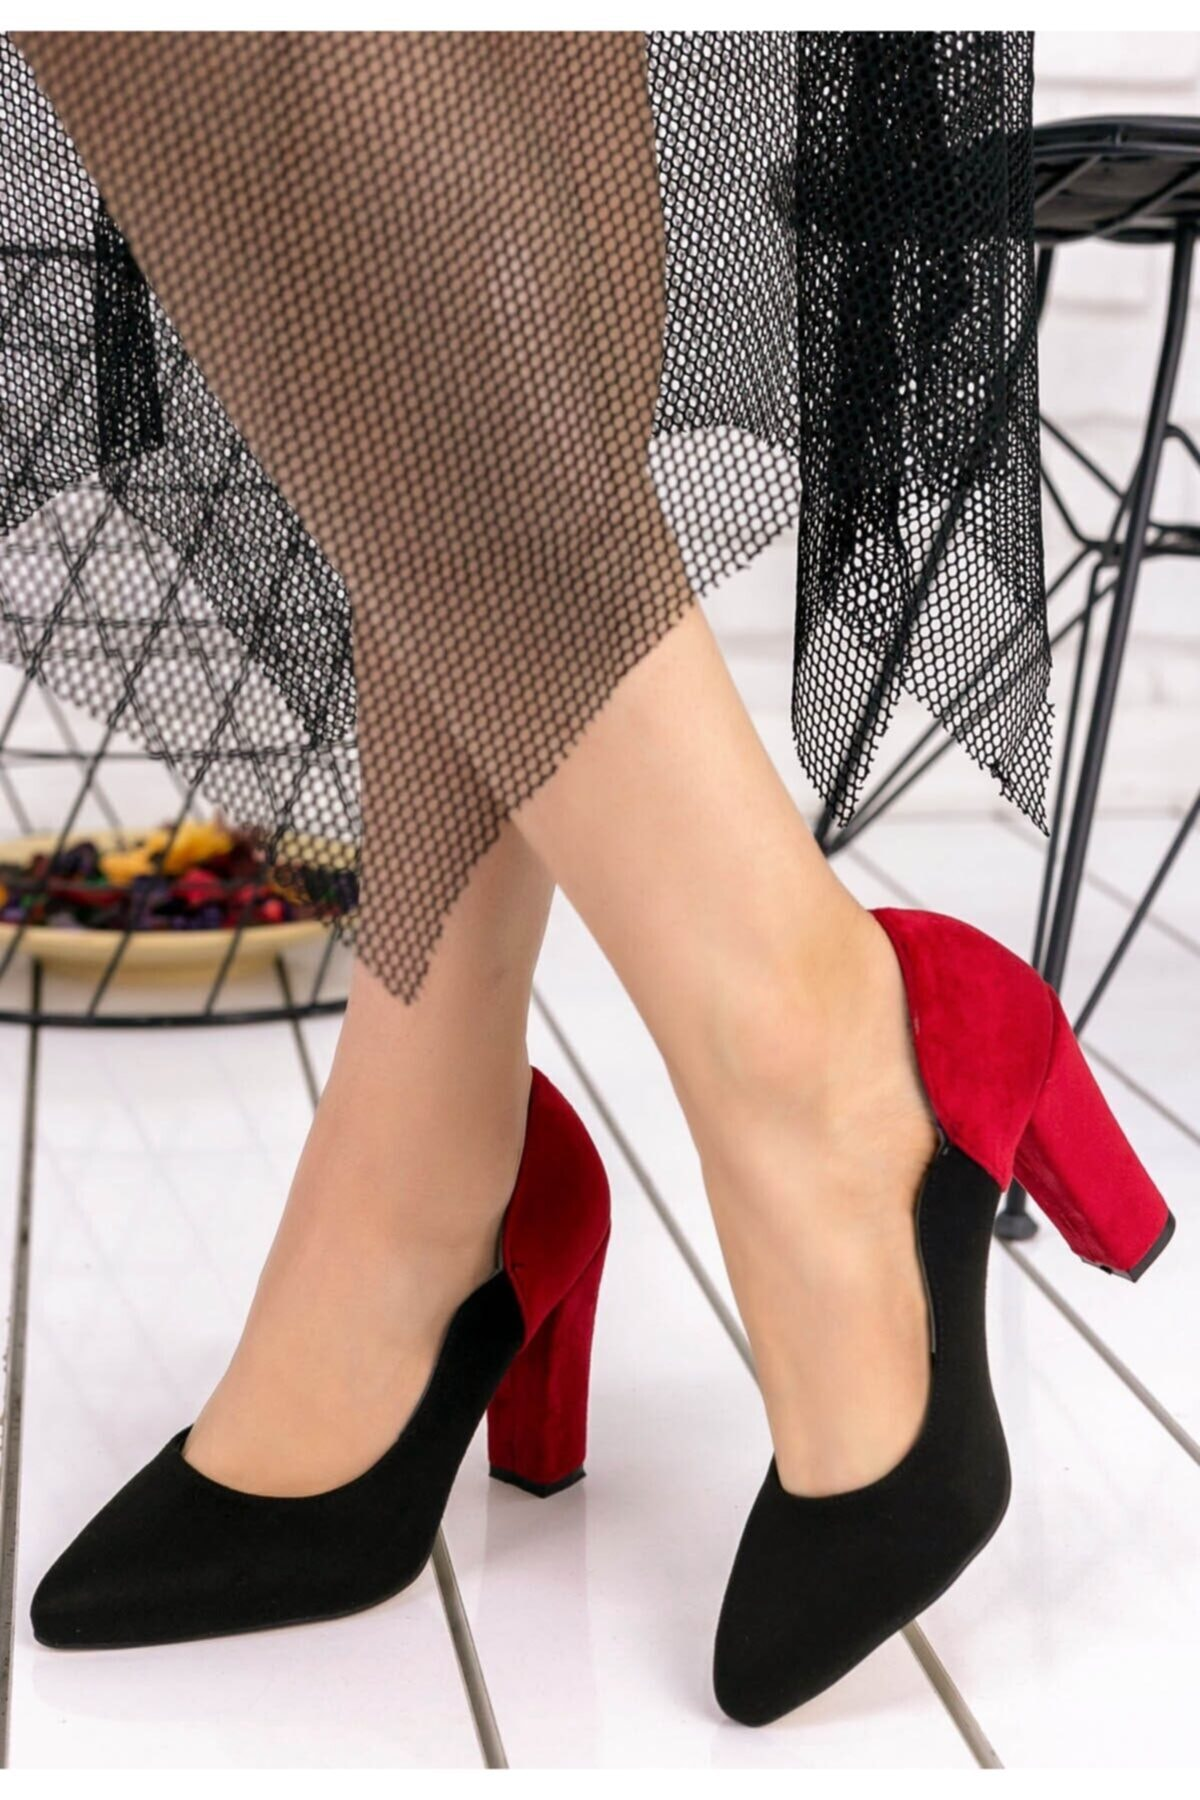 Merkatik Kadın Siyah Kırmızı Süet Topuklu Ayakkabı